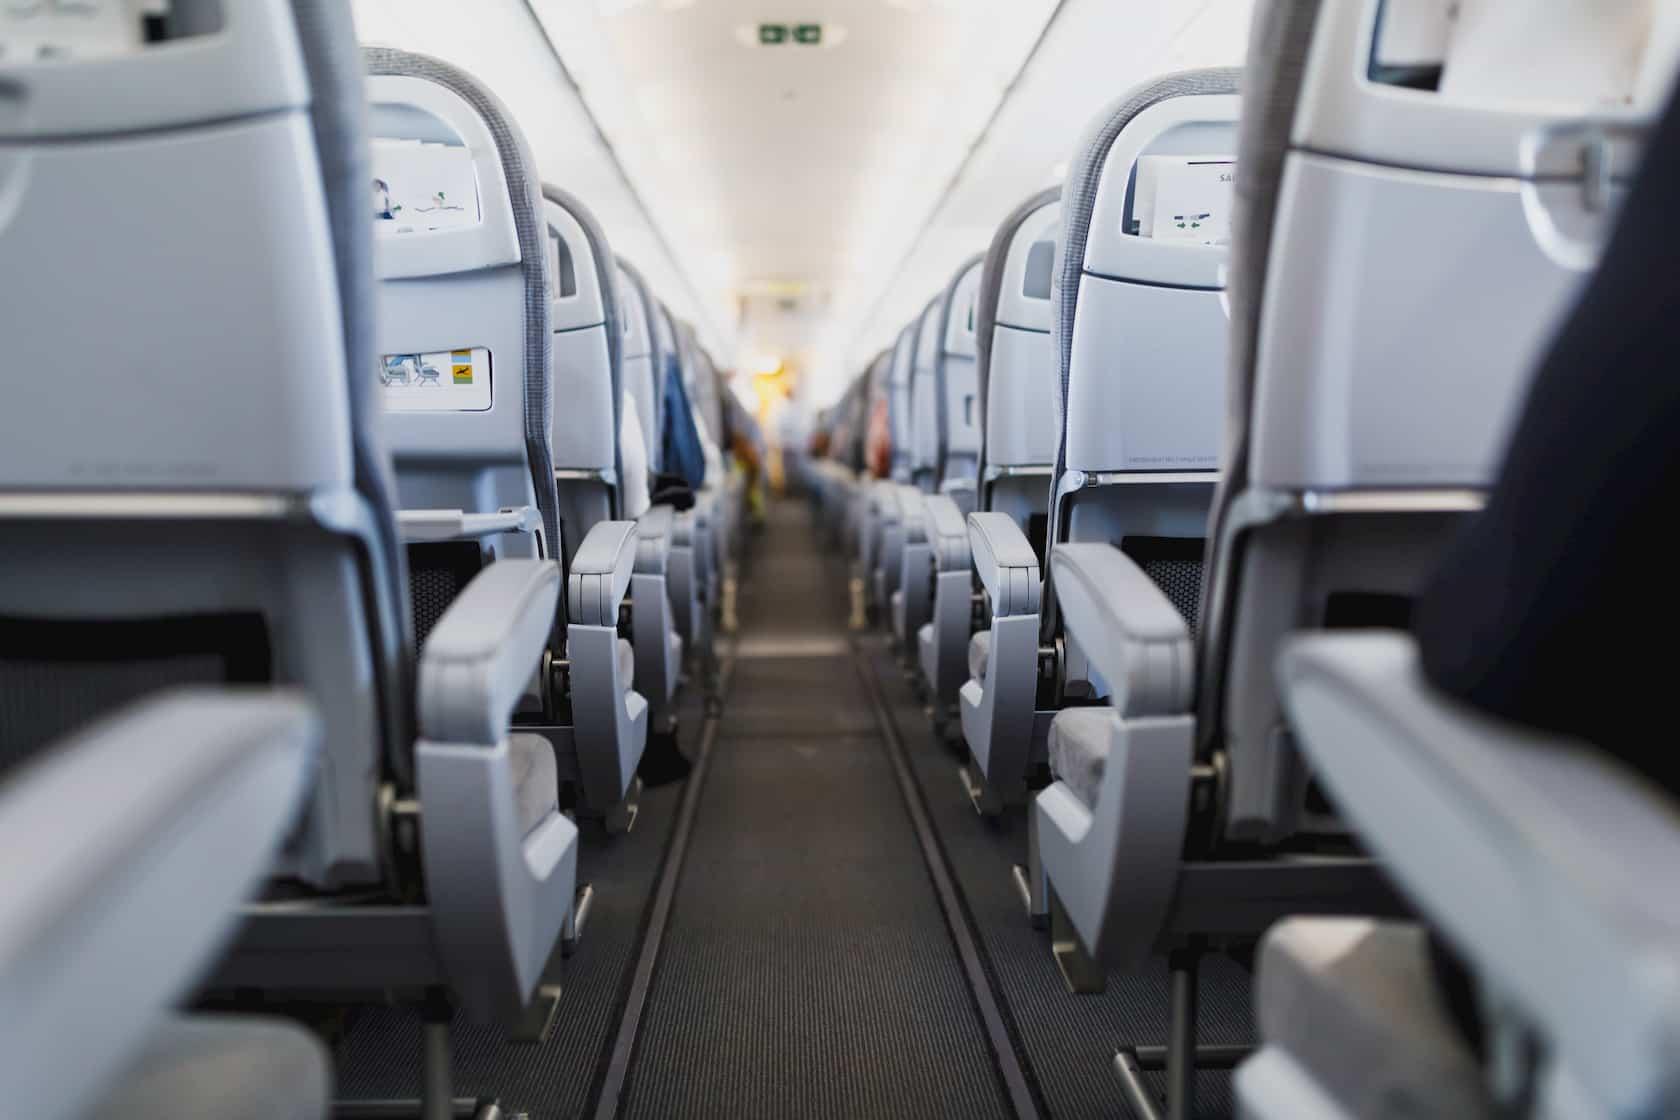 スカイマークの座席を徹底解説!位置による違いやおすすめ席の紹介も